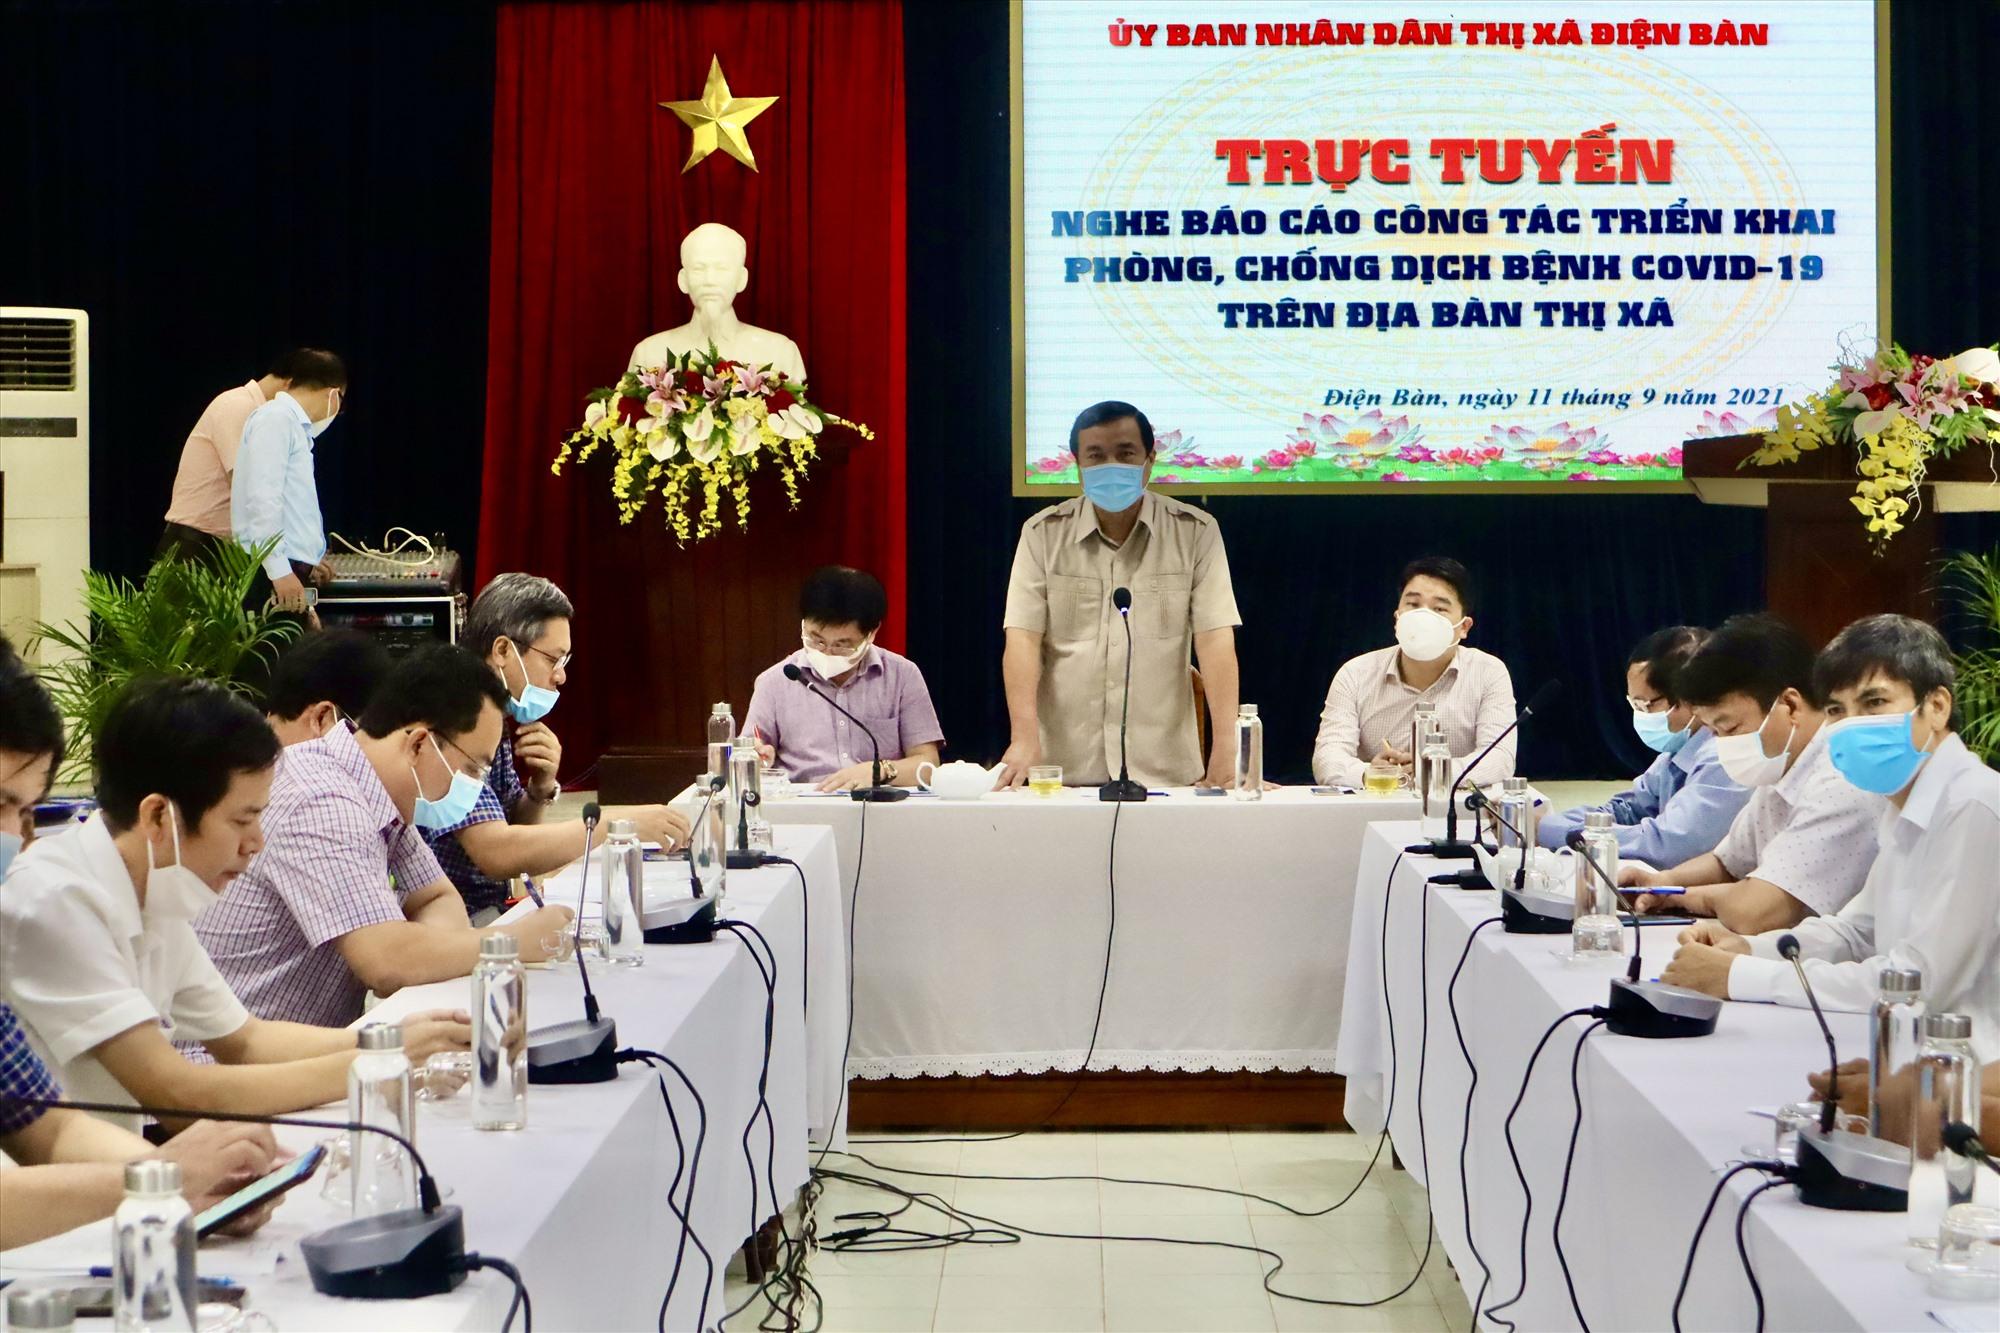 Bí thư Tỉnh ủy Phan Việt Cường chủ trì buổi làm việc với Điện Bàn về công tác phòng, chống dịch Covid-19 cuối tuần qua. Ảnh: Q.T